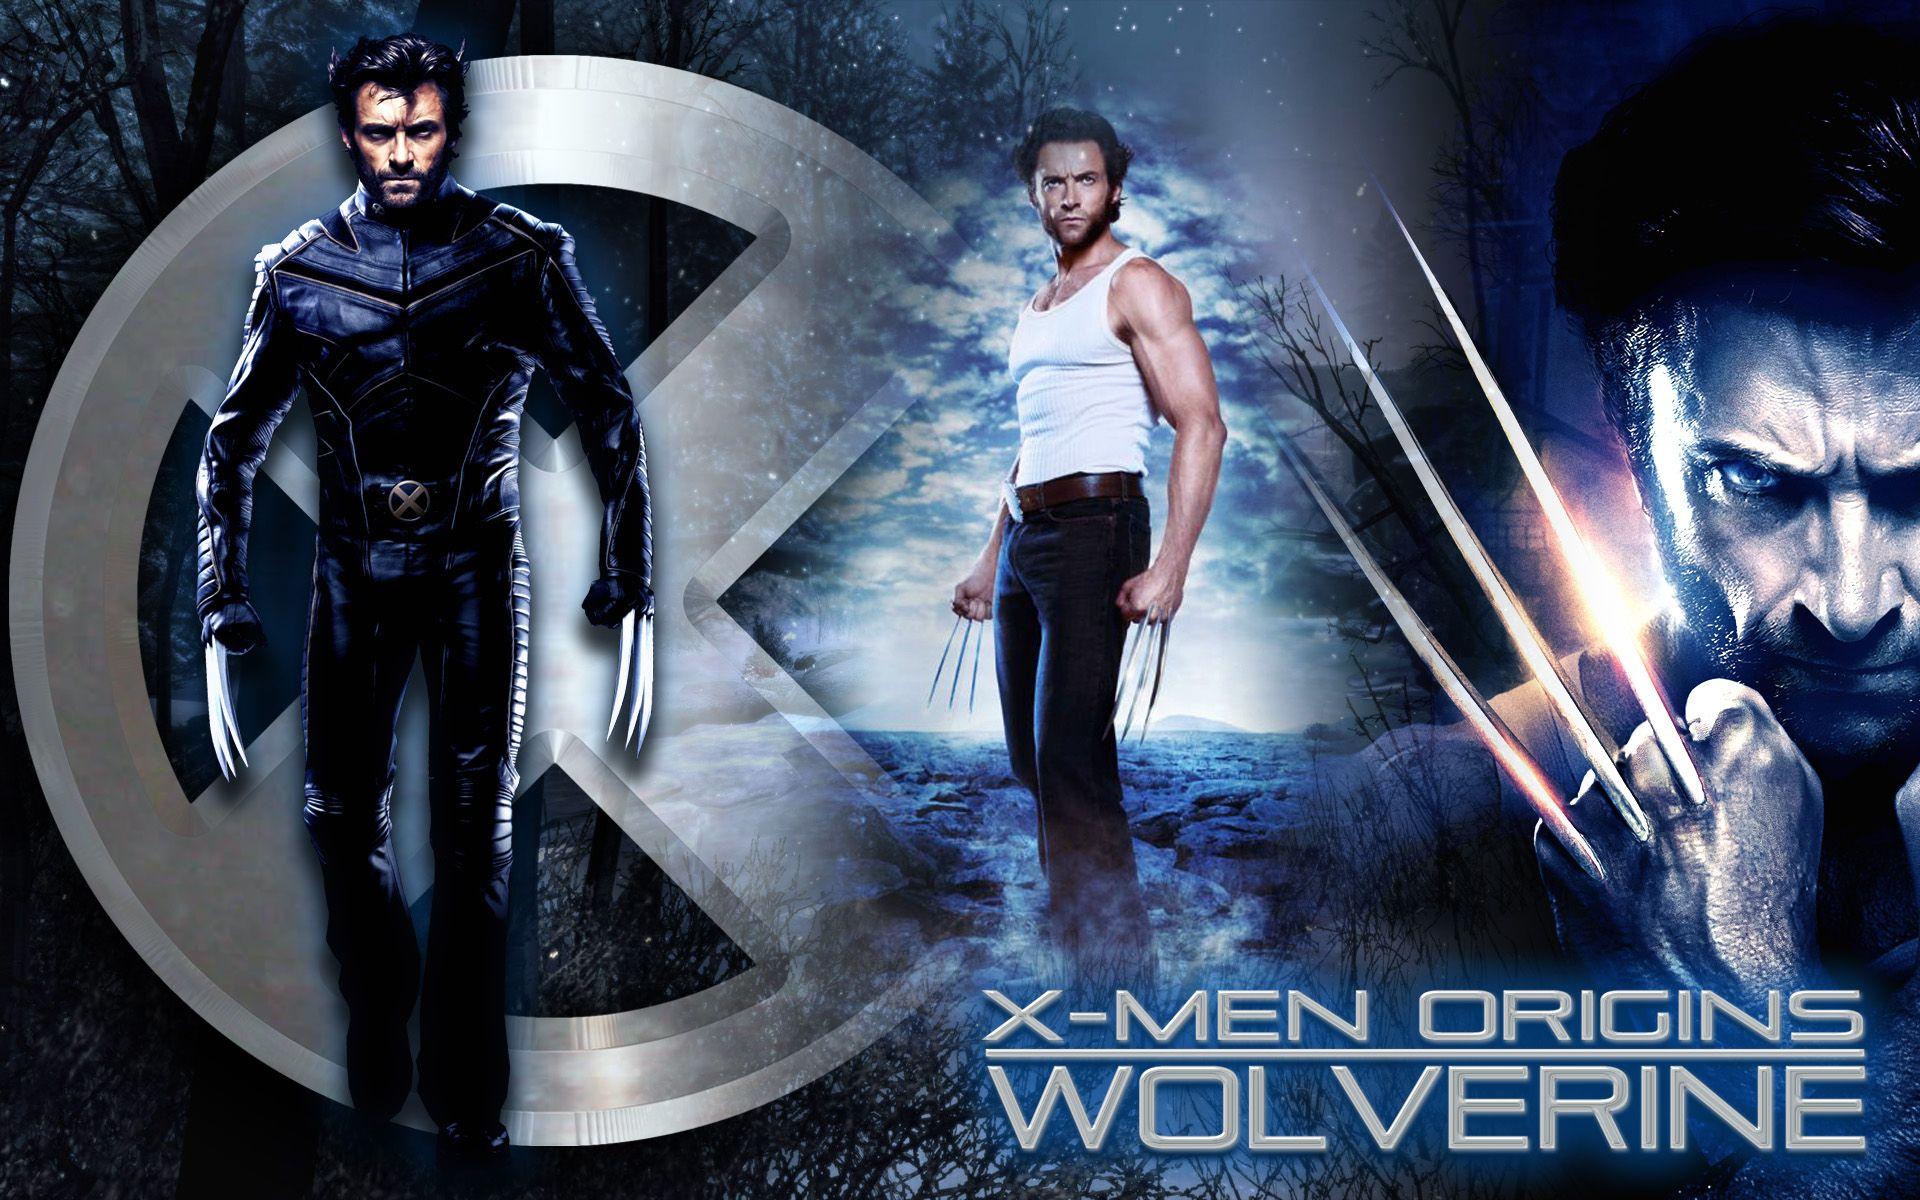 Download X Men Origins Wolverine Movie 723 Full Size 1280x800px High Definition Desktop Background Men Origins Downlo Hugh Jackman Wolverine Movie Wolverine